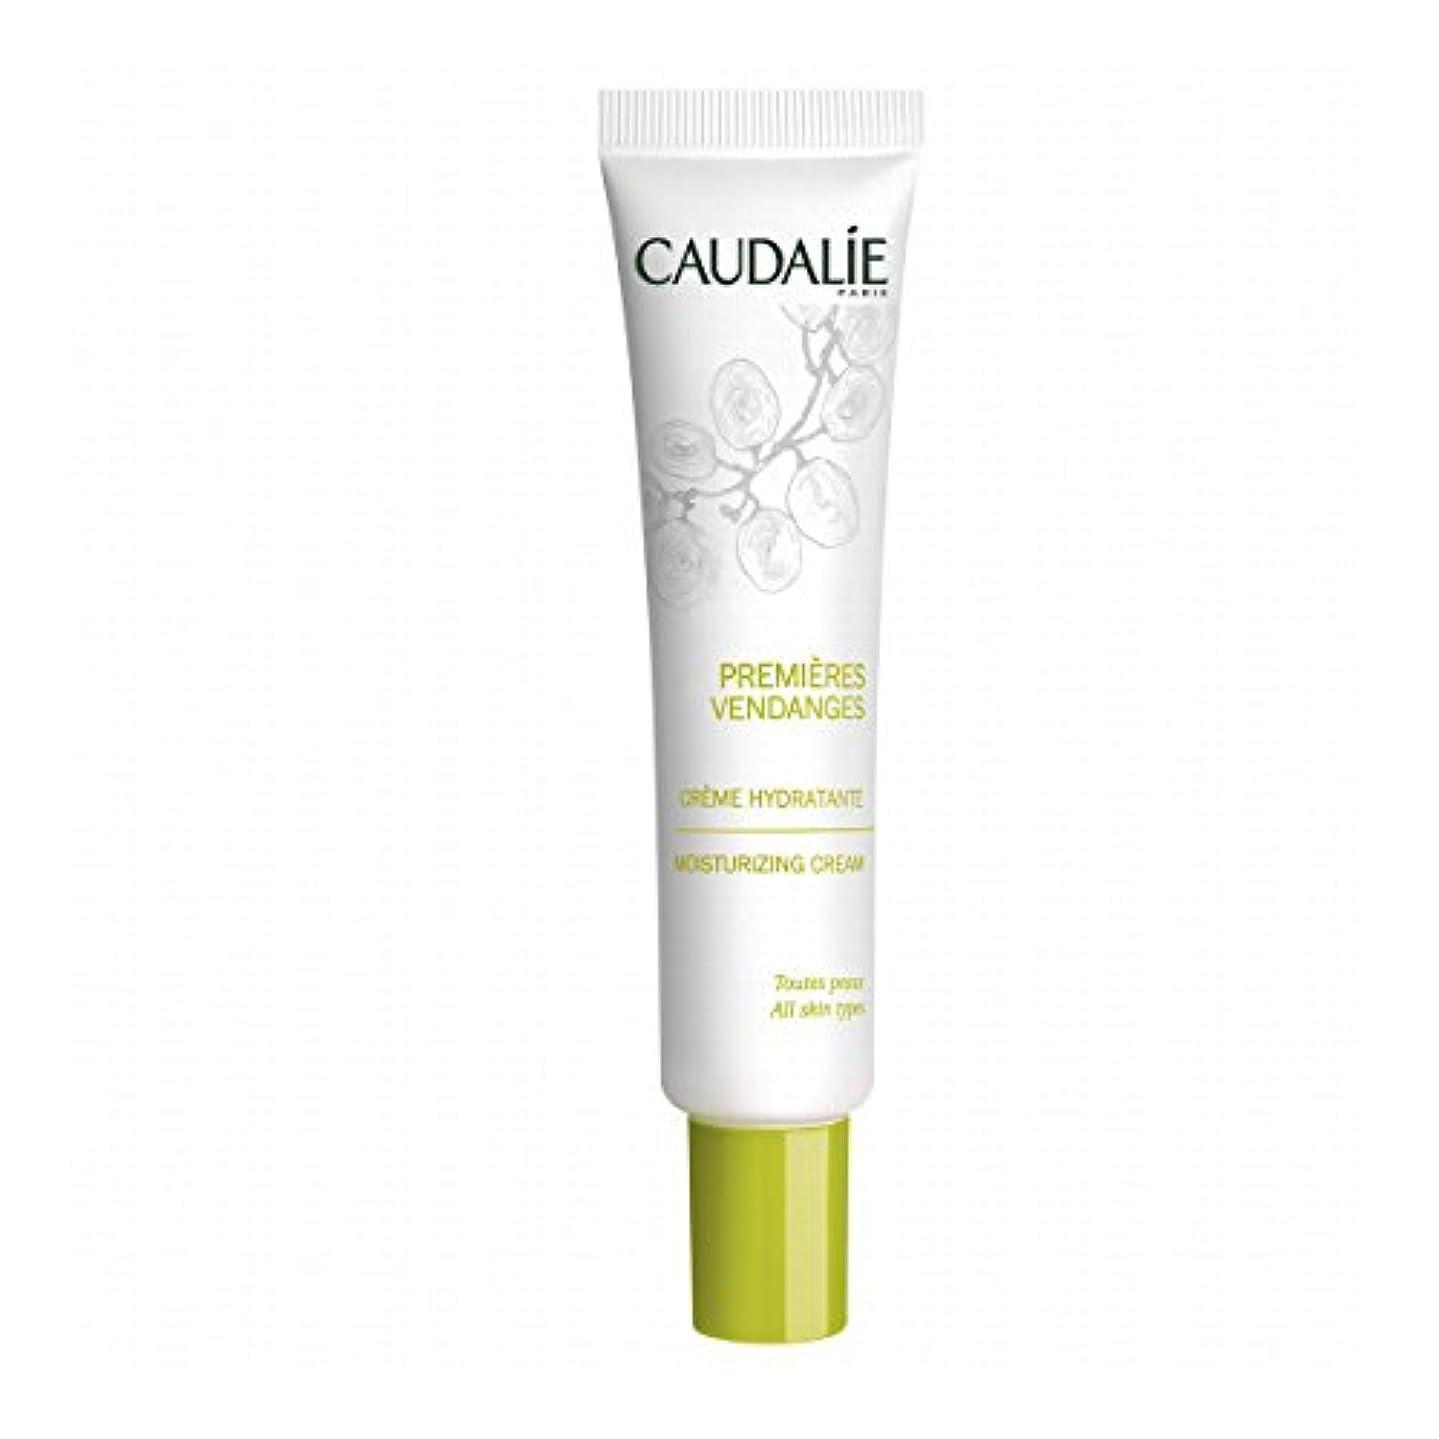 牧草地くつろぎ考案するCaudalie Premieres Vendanges Moisturizing Cream 40ml [並行輸入品]